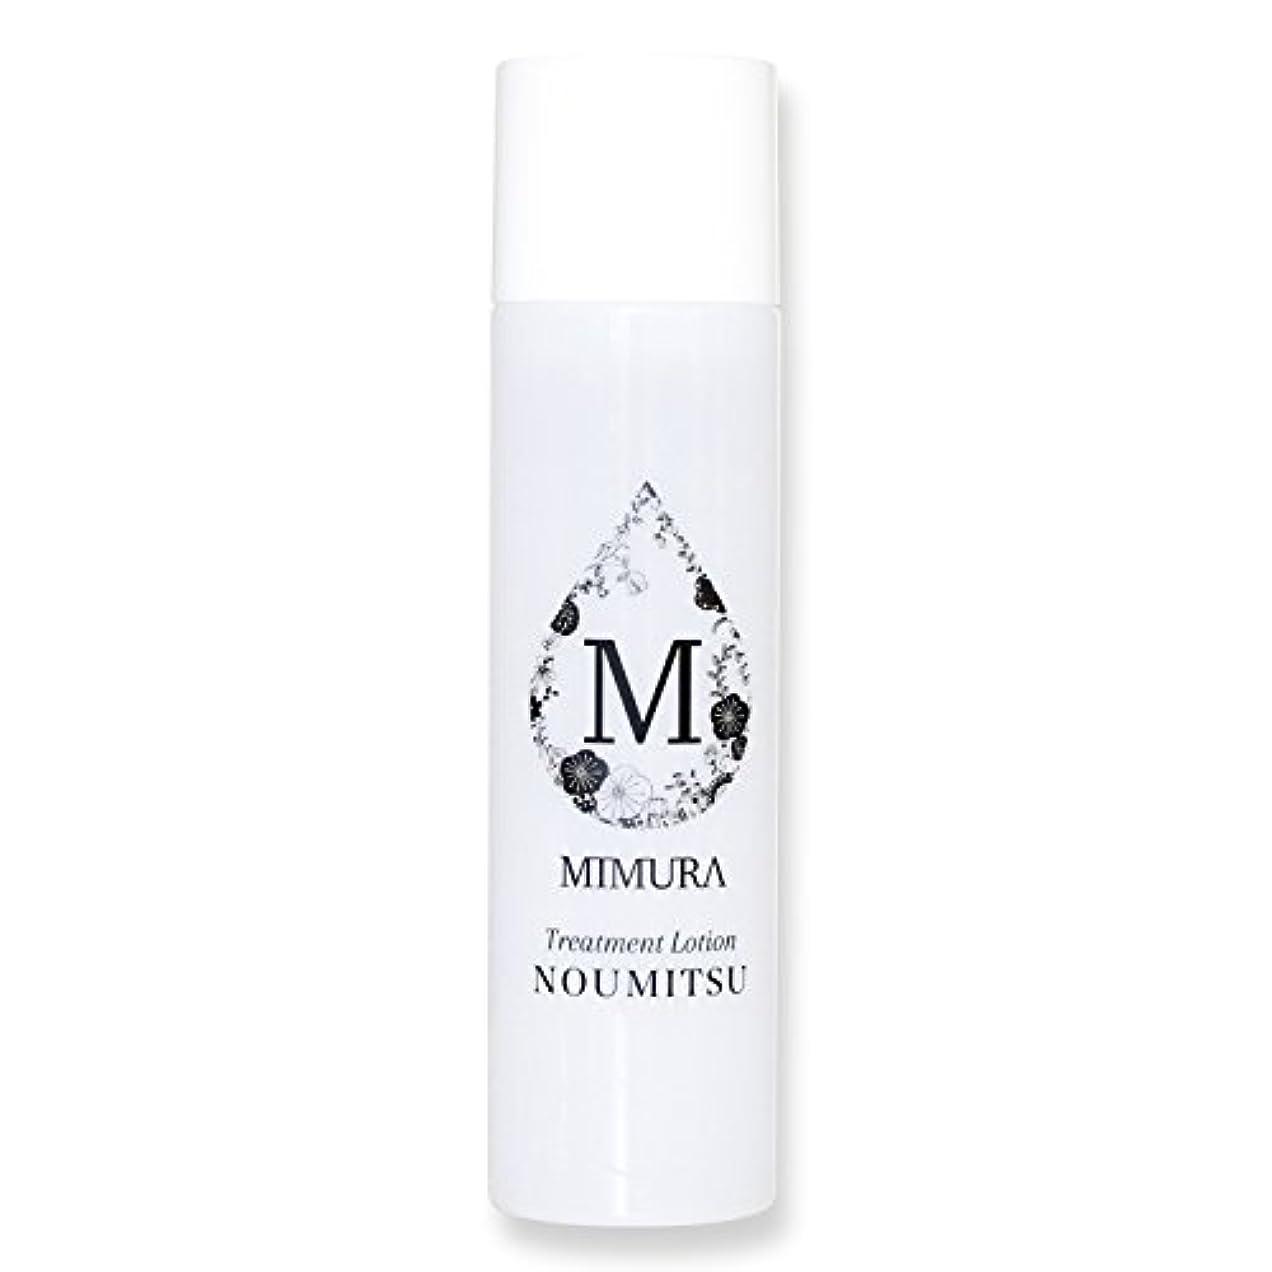 ガラス克服する流化粧水 乾燥肌 うるおい 送料無料 ミムラ トリートメントローション NOUMITSU MIMURA 日本製